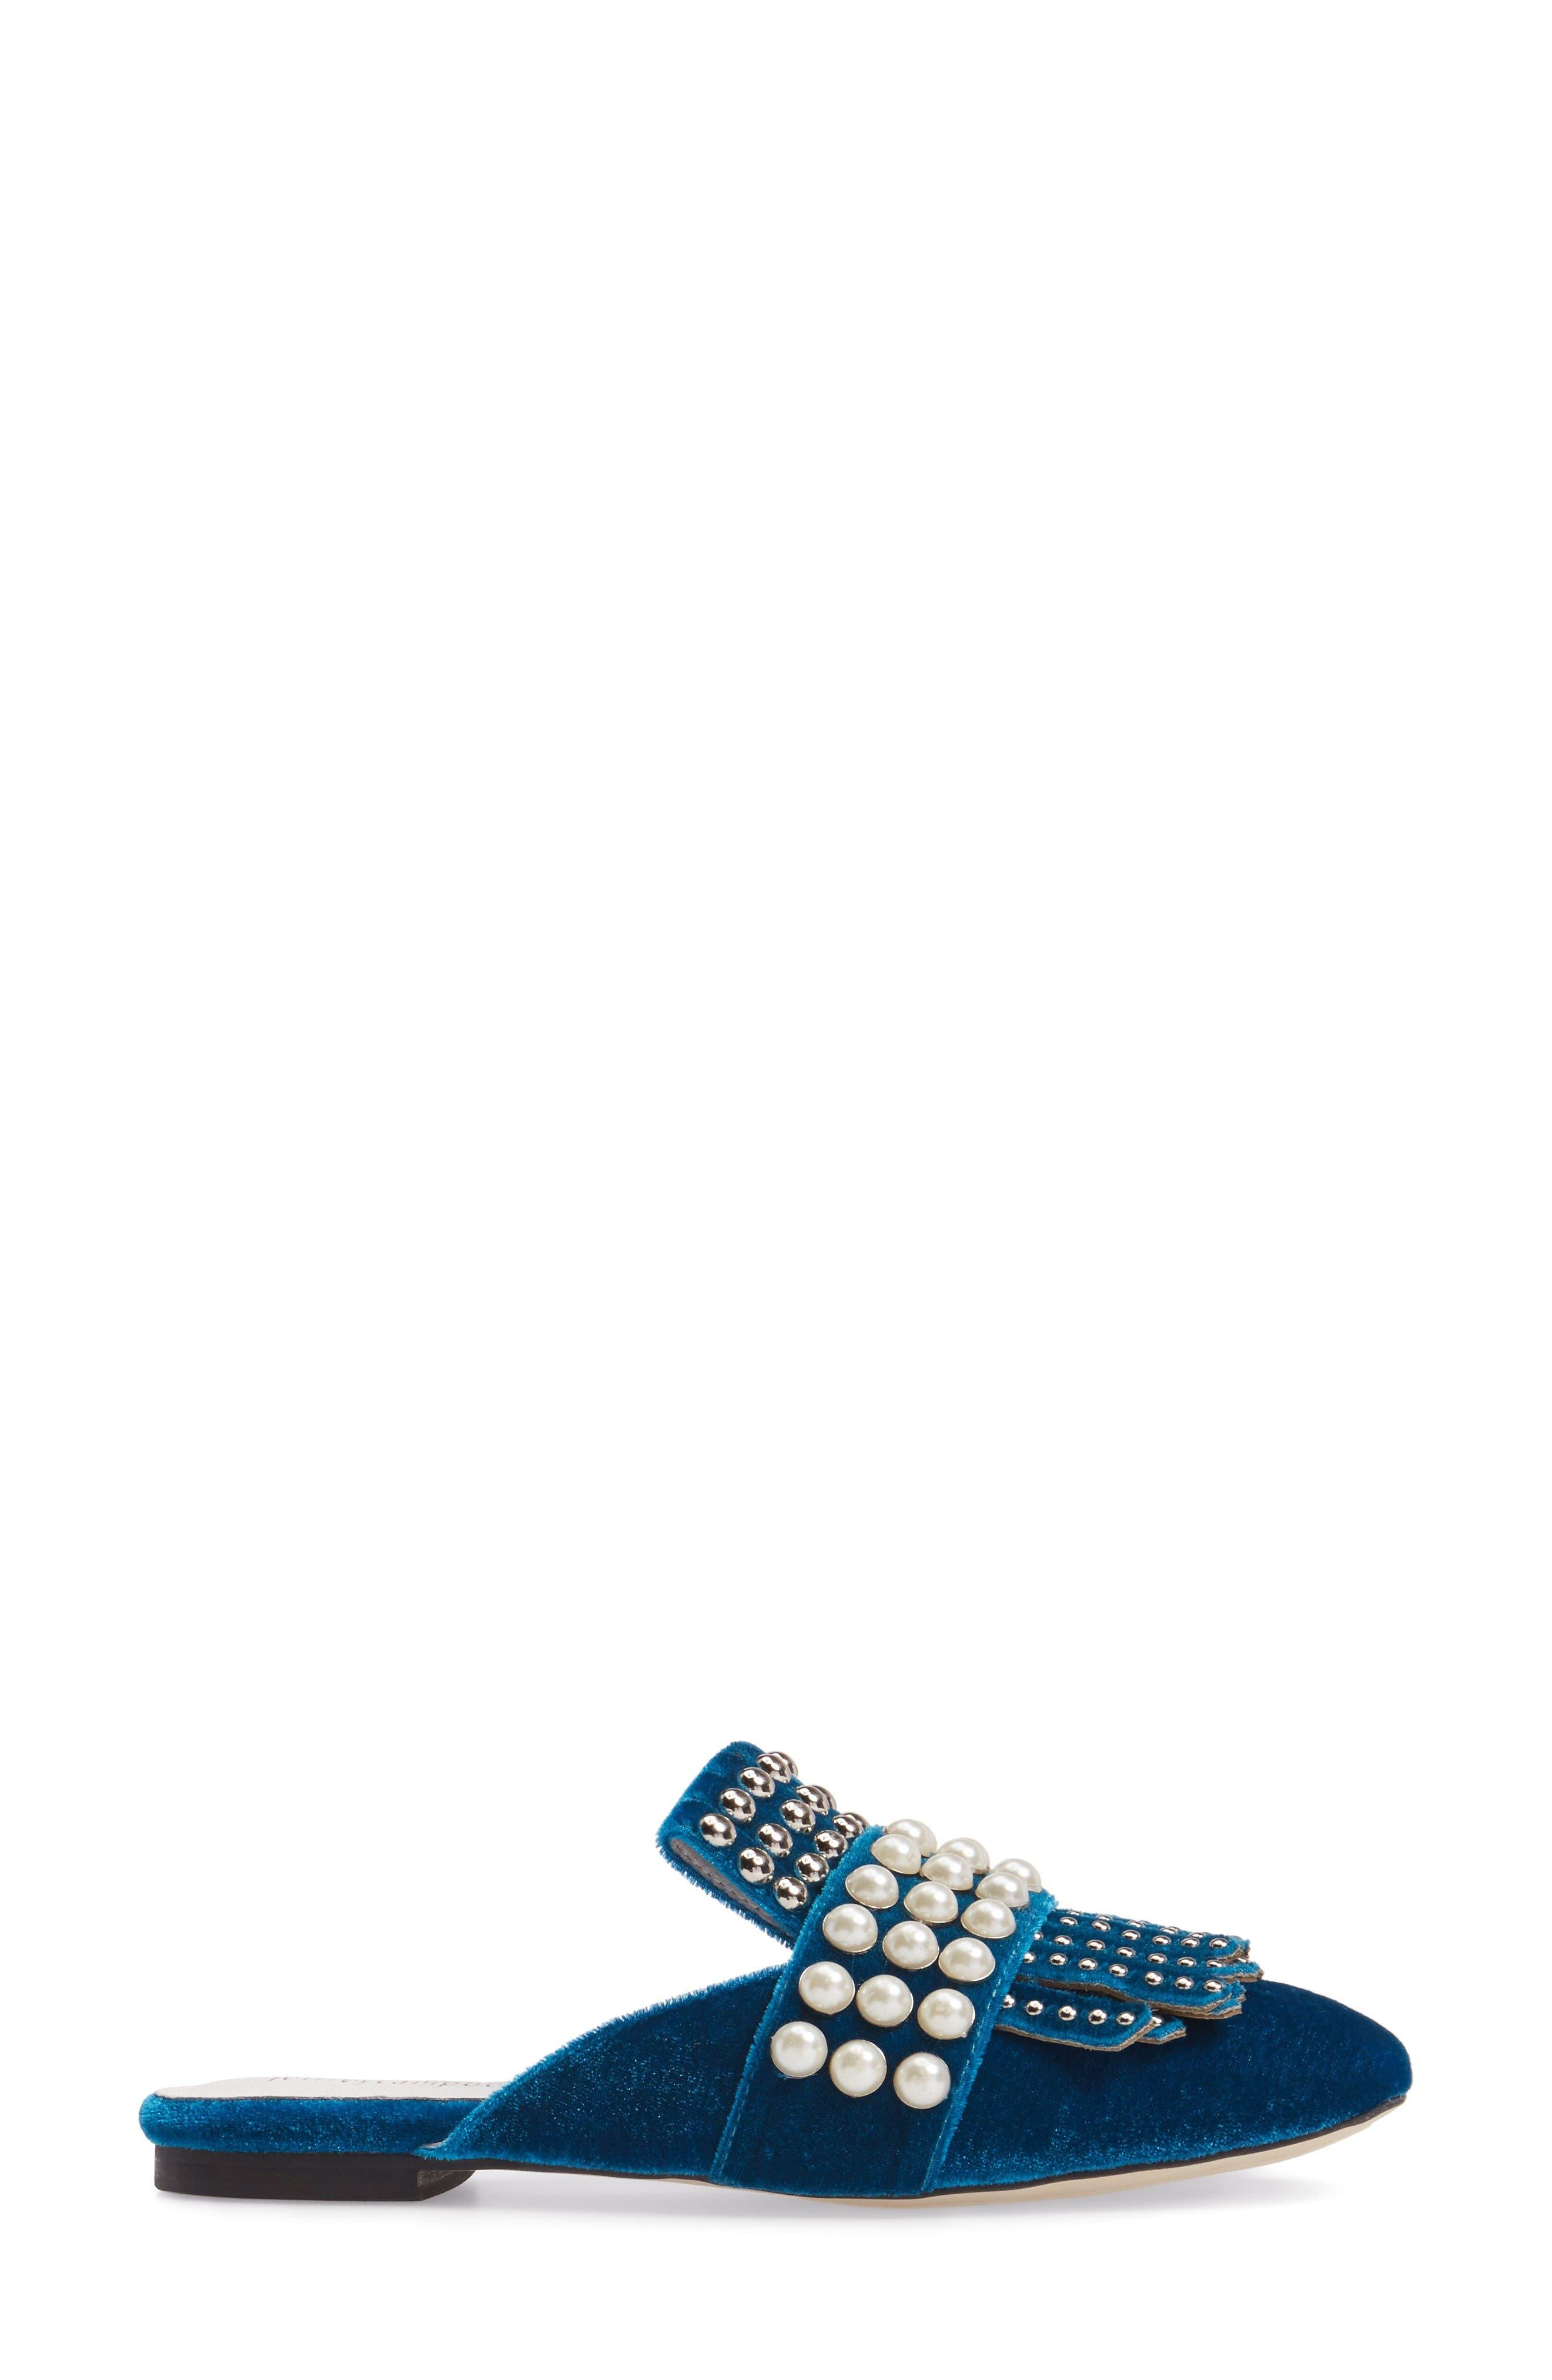 Alternate Image 3  - Jeffrey Campbell Ravis Embellished Loafer Mule (Women)